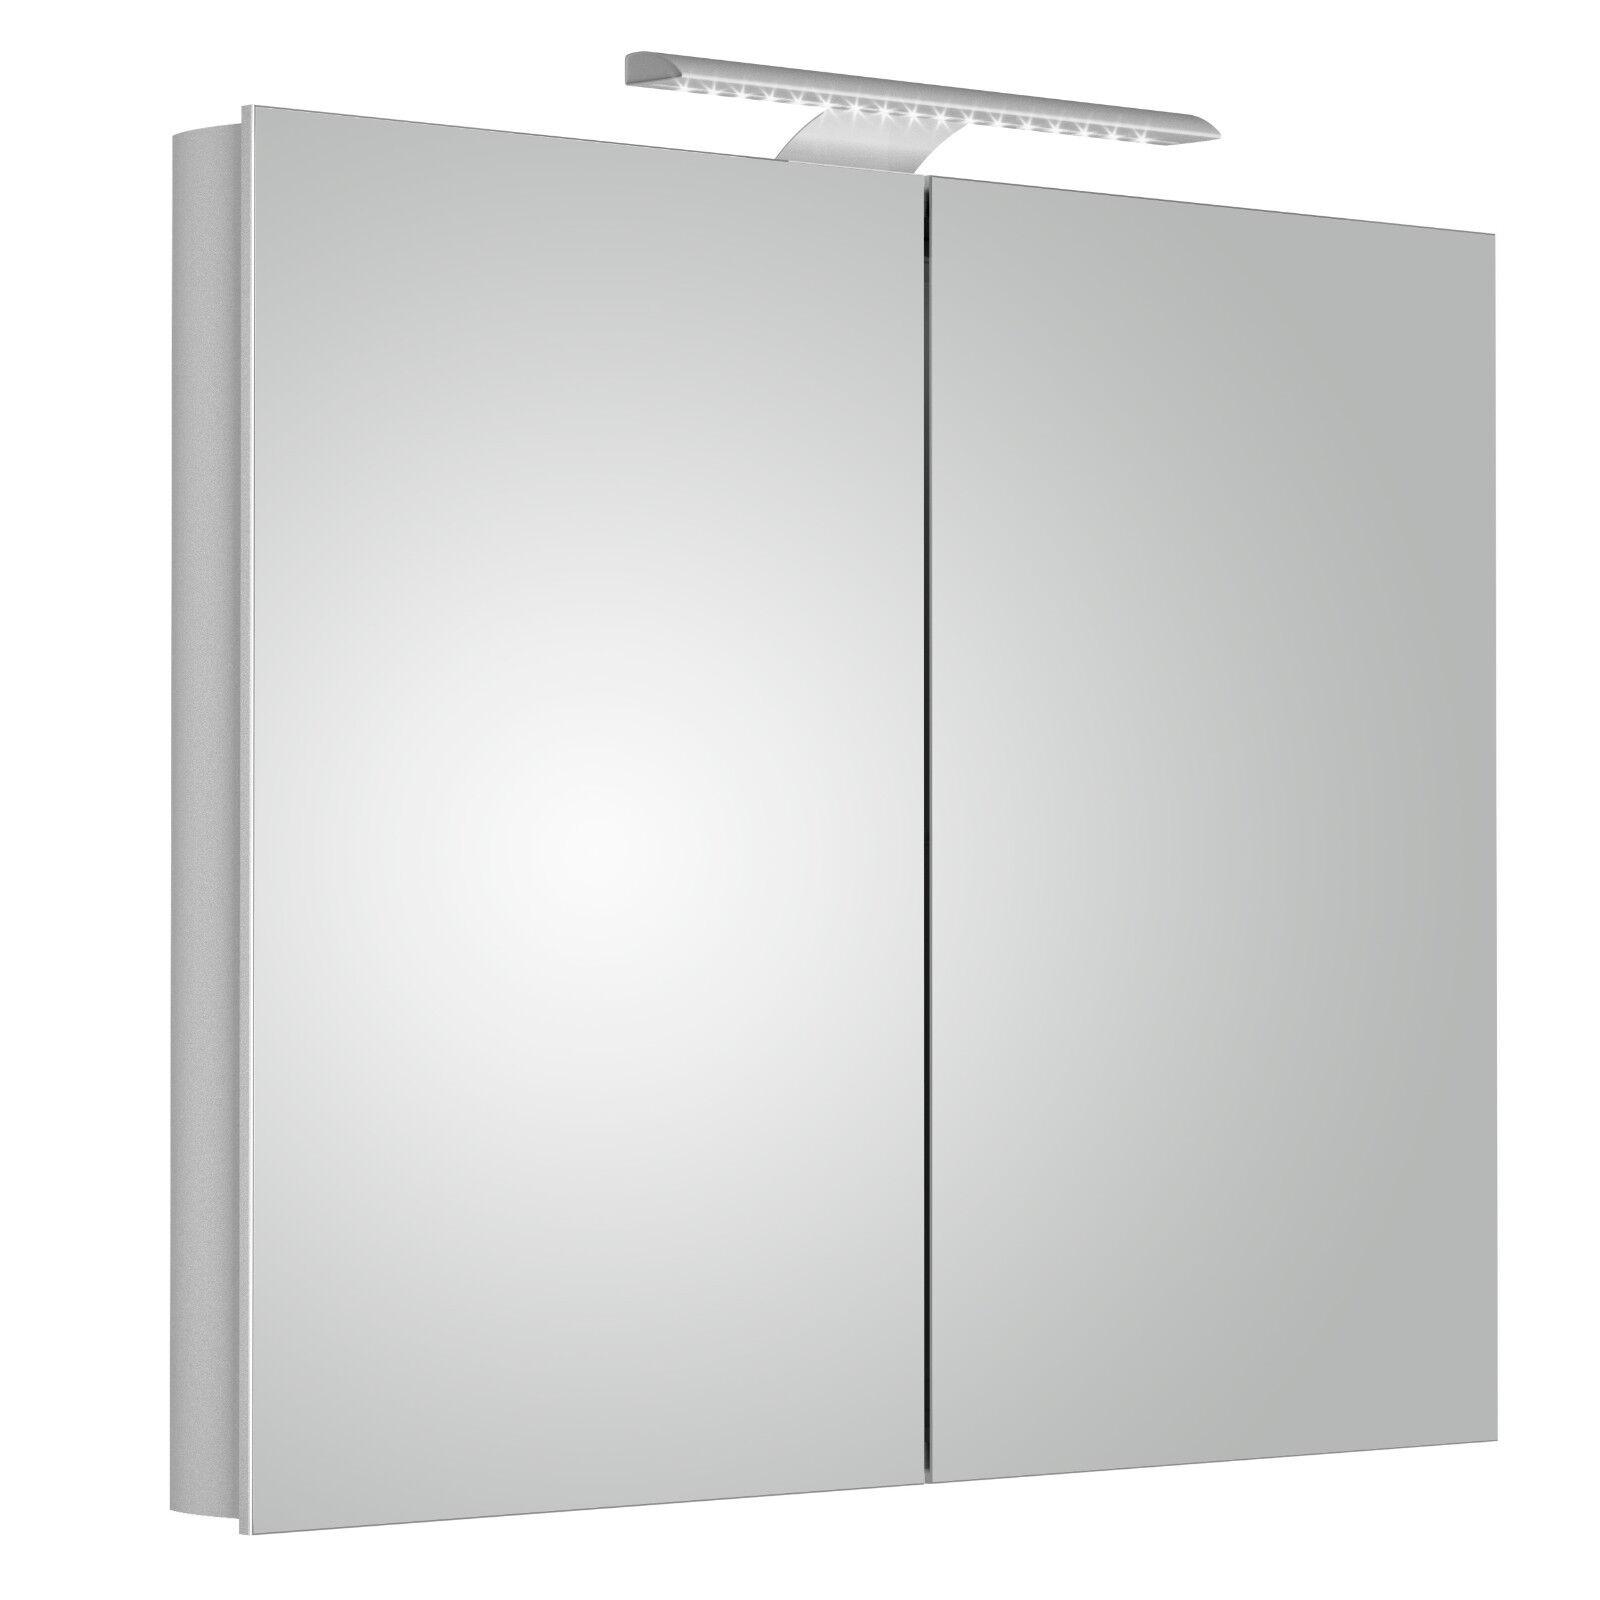 Aura 90cm Mirror Bathroom Cabinet With Lights Double Door